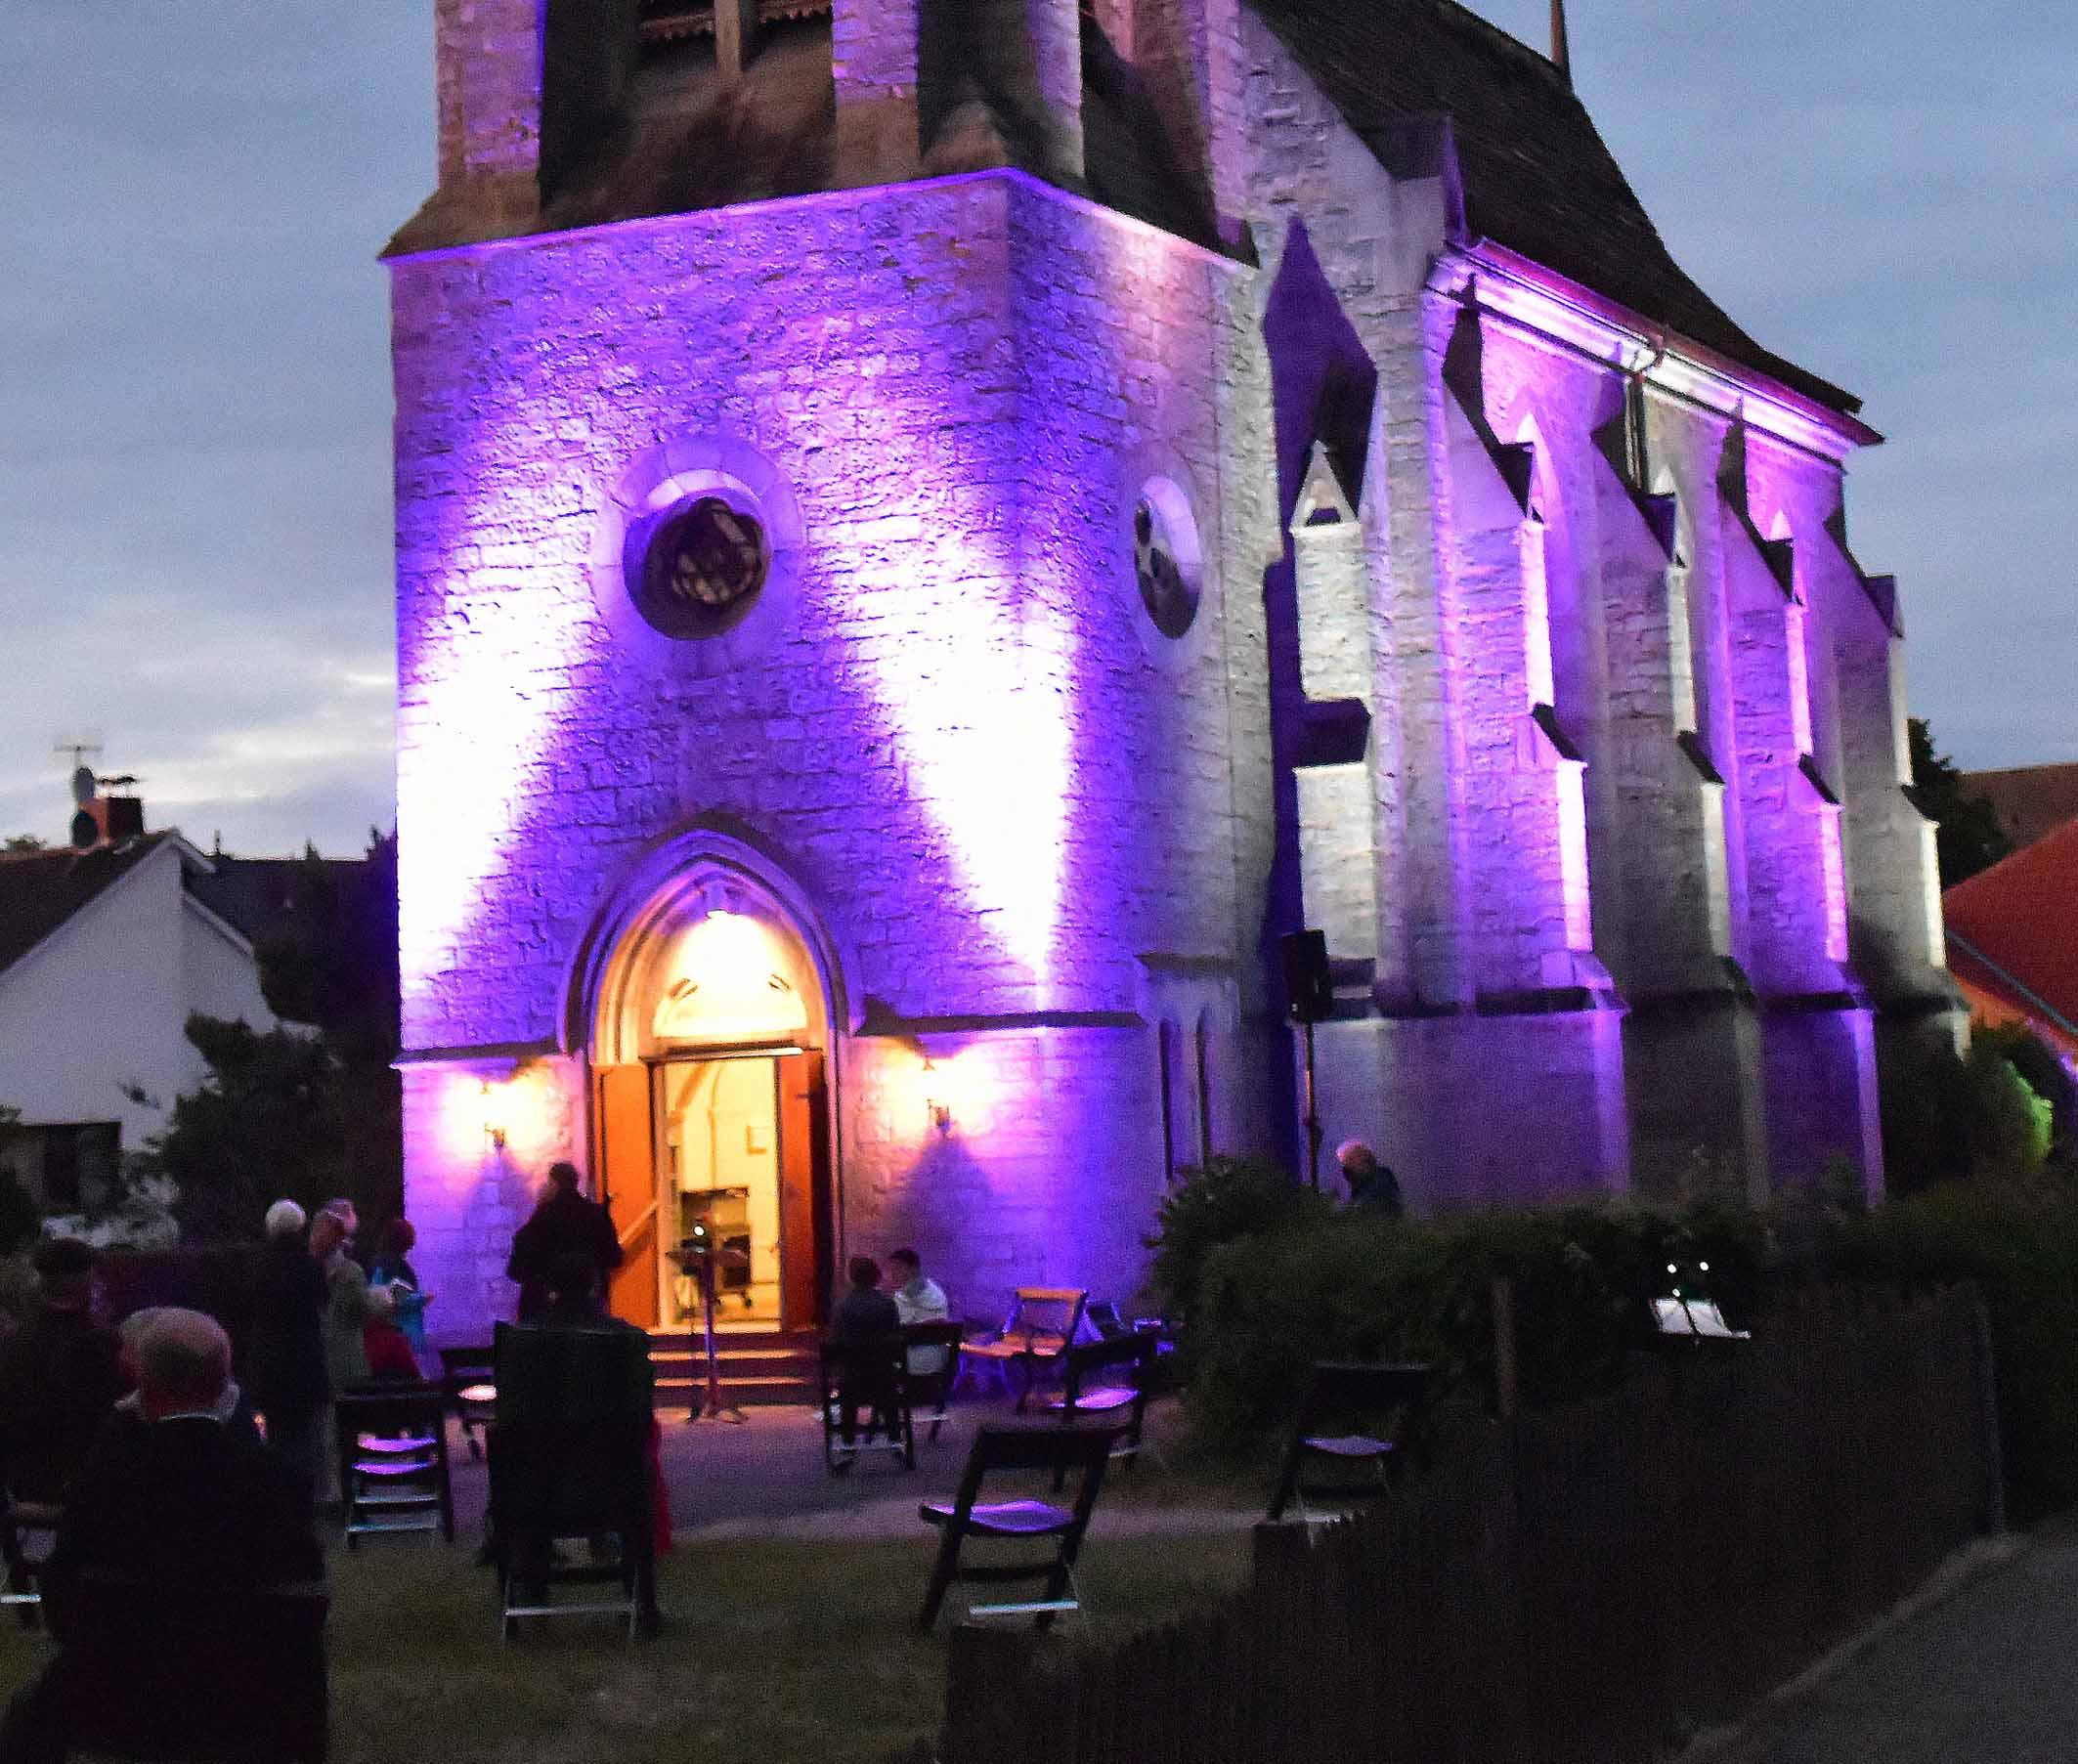 Pfingsten in Nieheim mit Abendacht eingeläutet Kreuzkirche leuchtete in bunten Farben